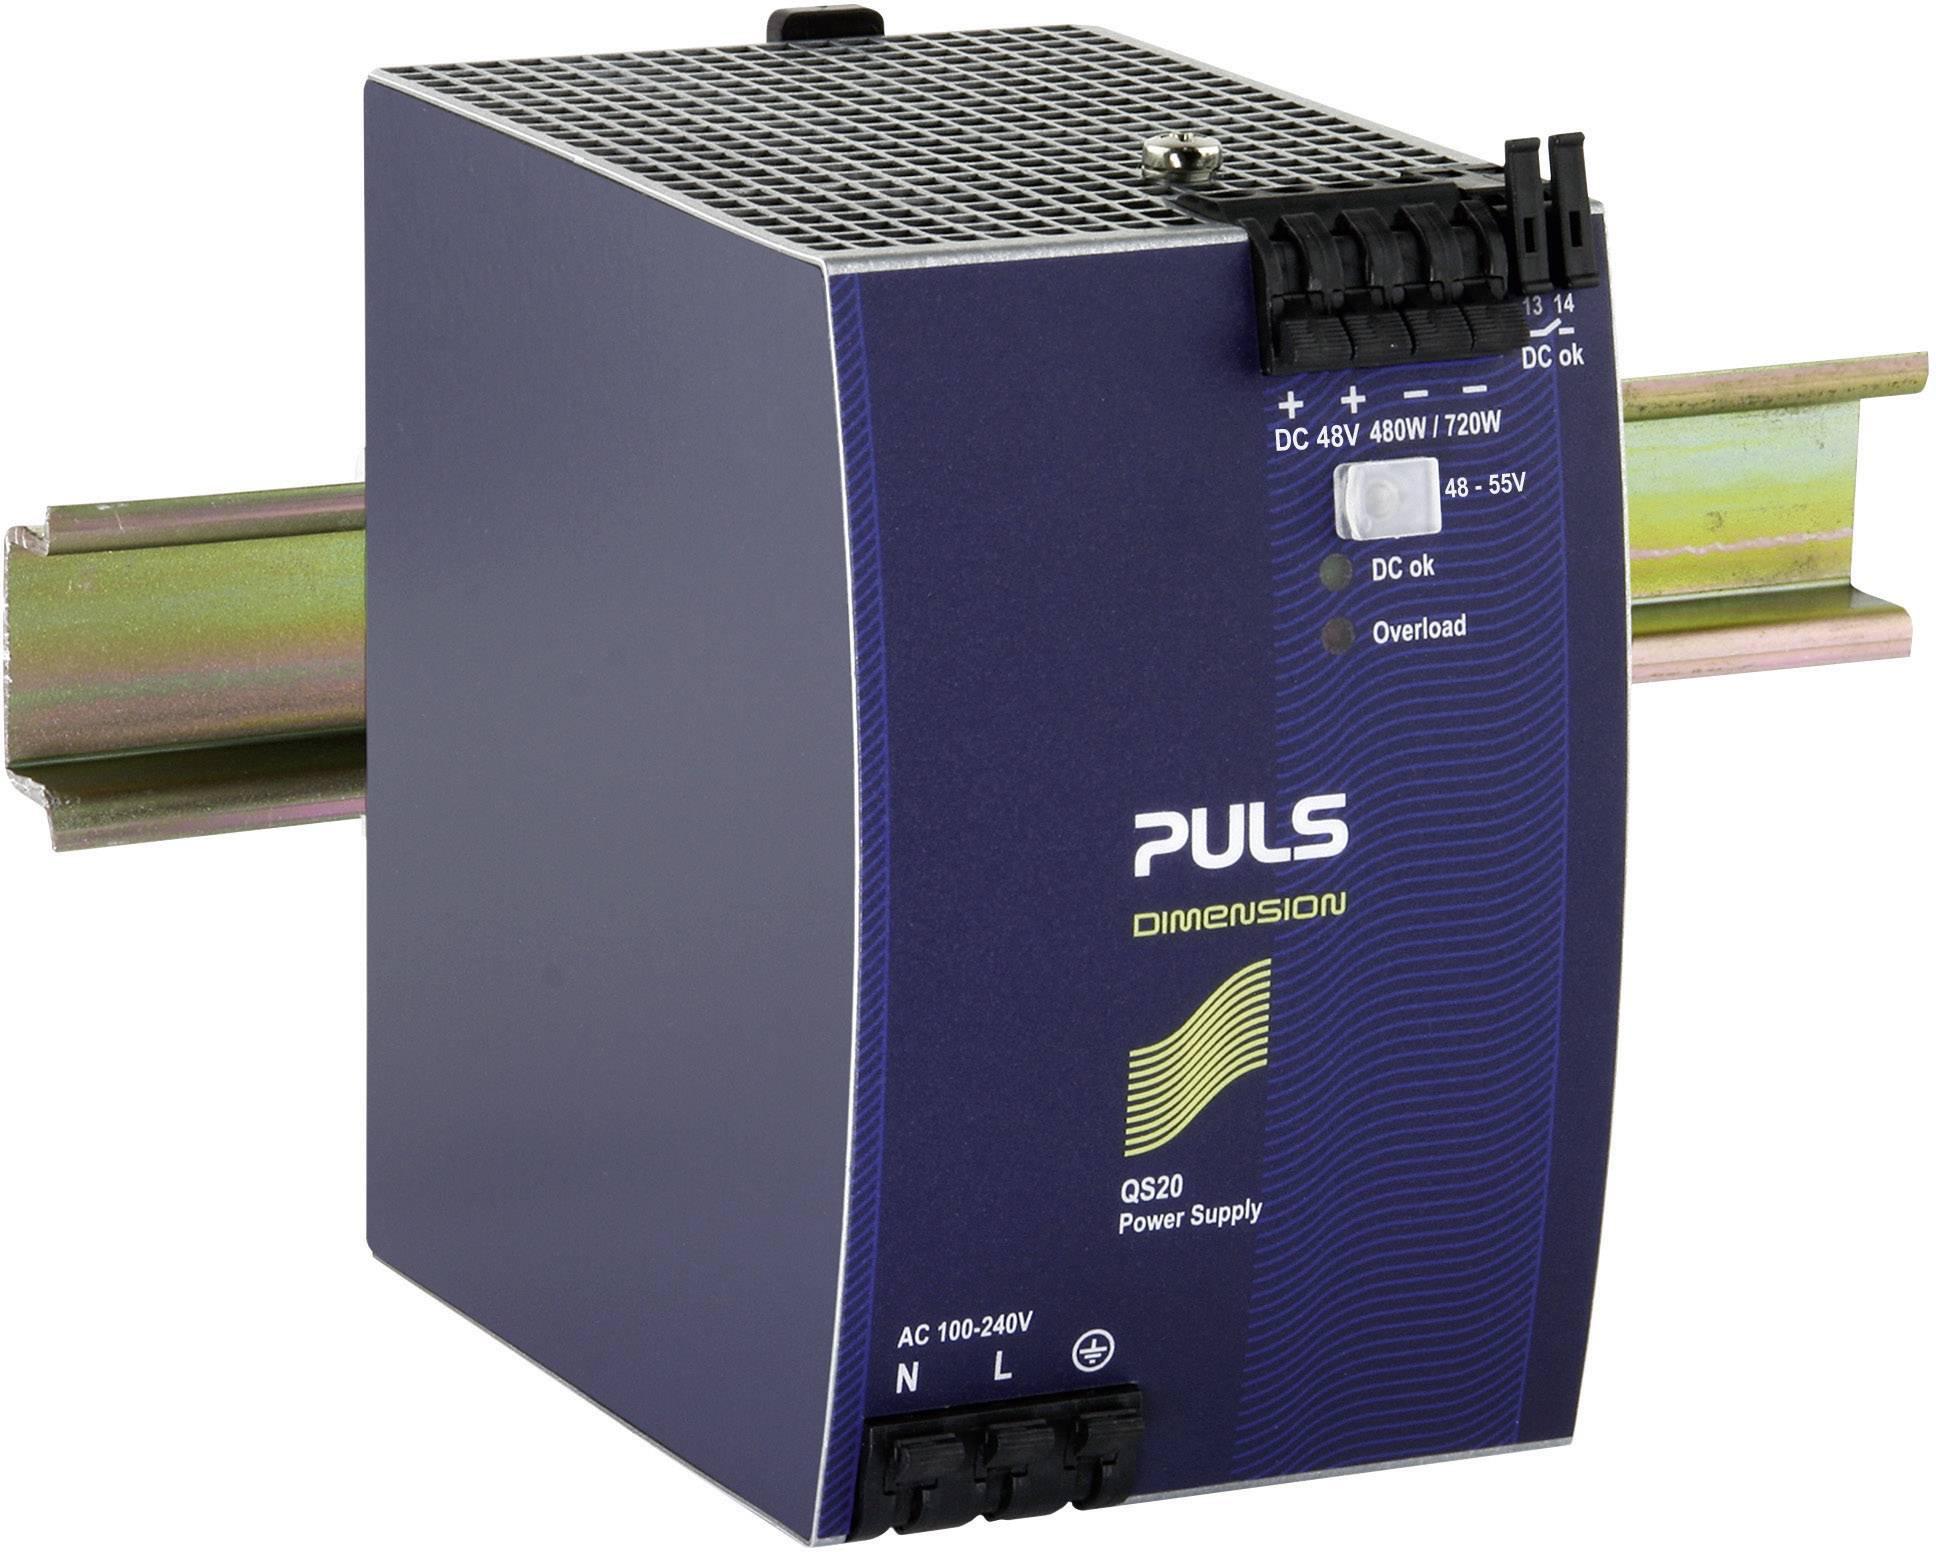 Sieťový zdroj na montážnu lištu (DIN lištu) PULS DIMENSION QS20.481, 1 x, 48 V/DC, 10 A, 480 W